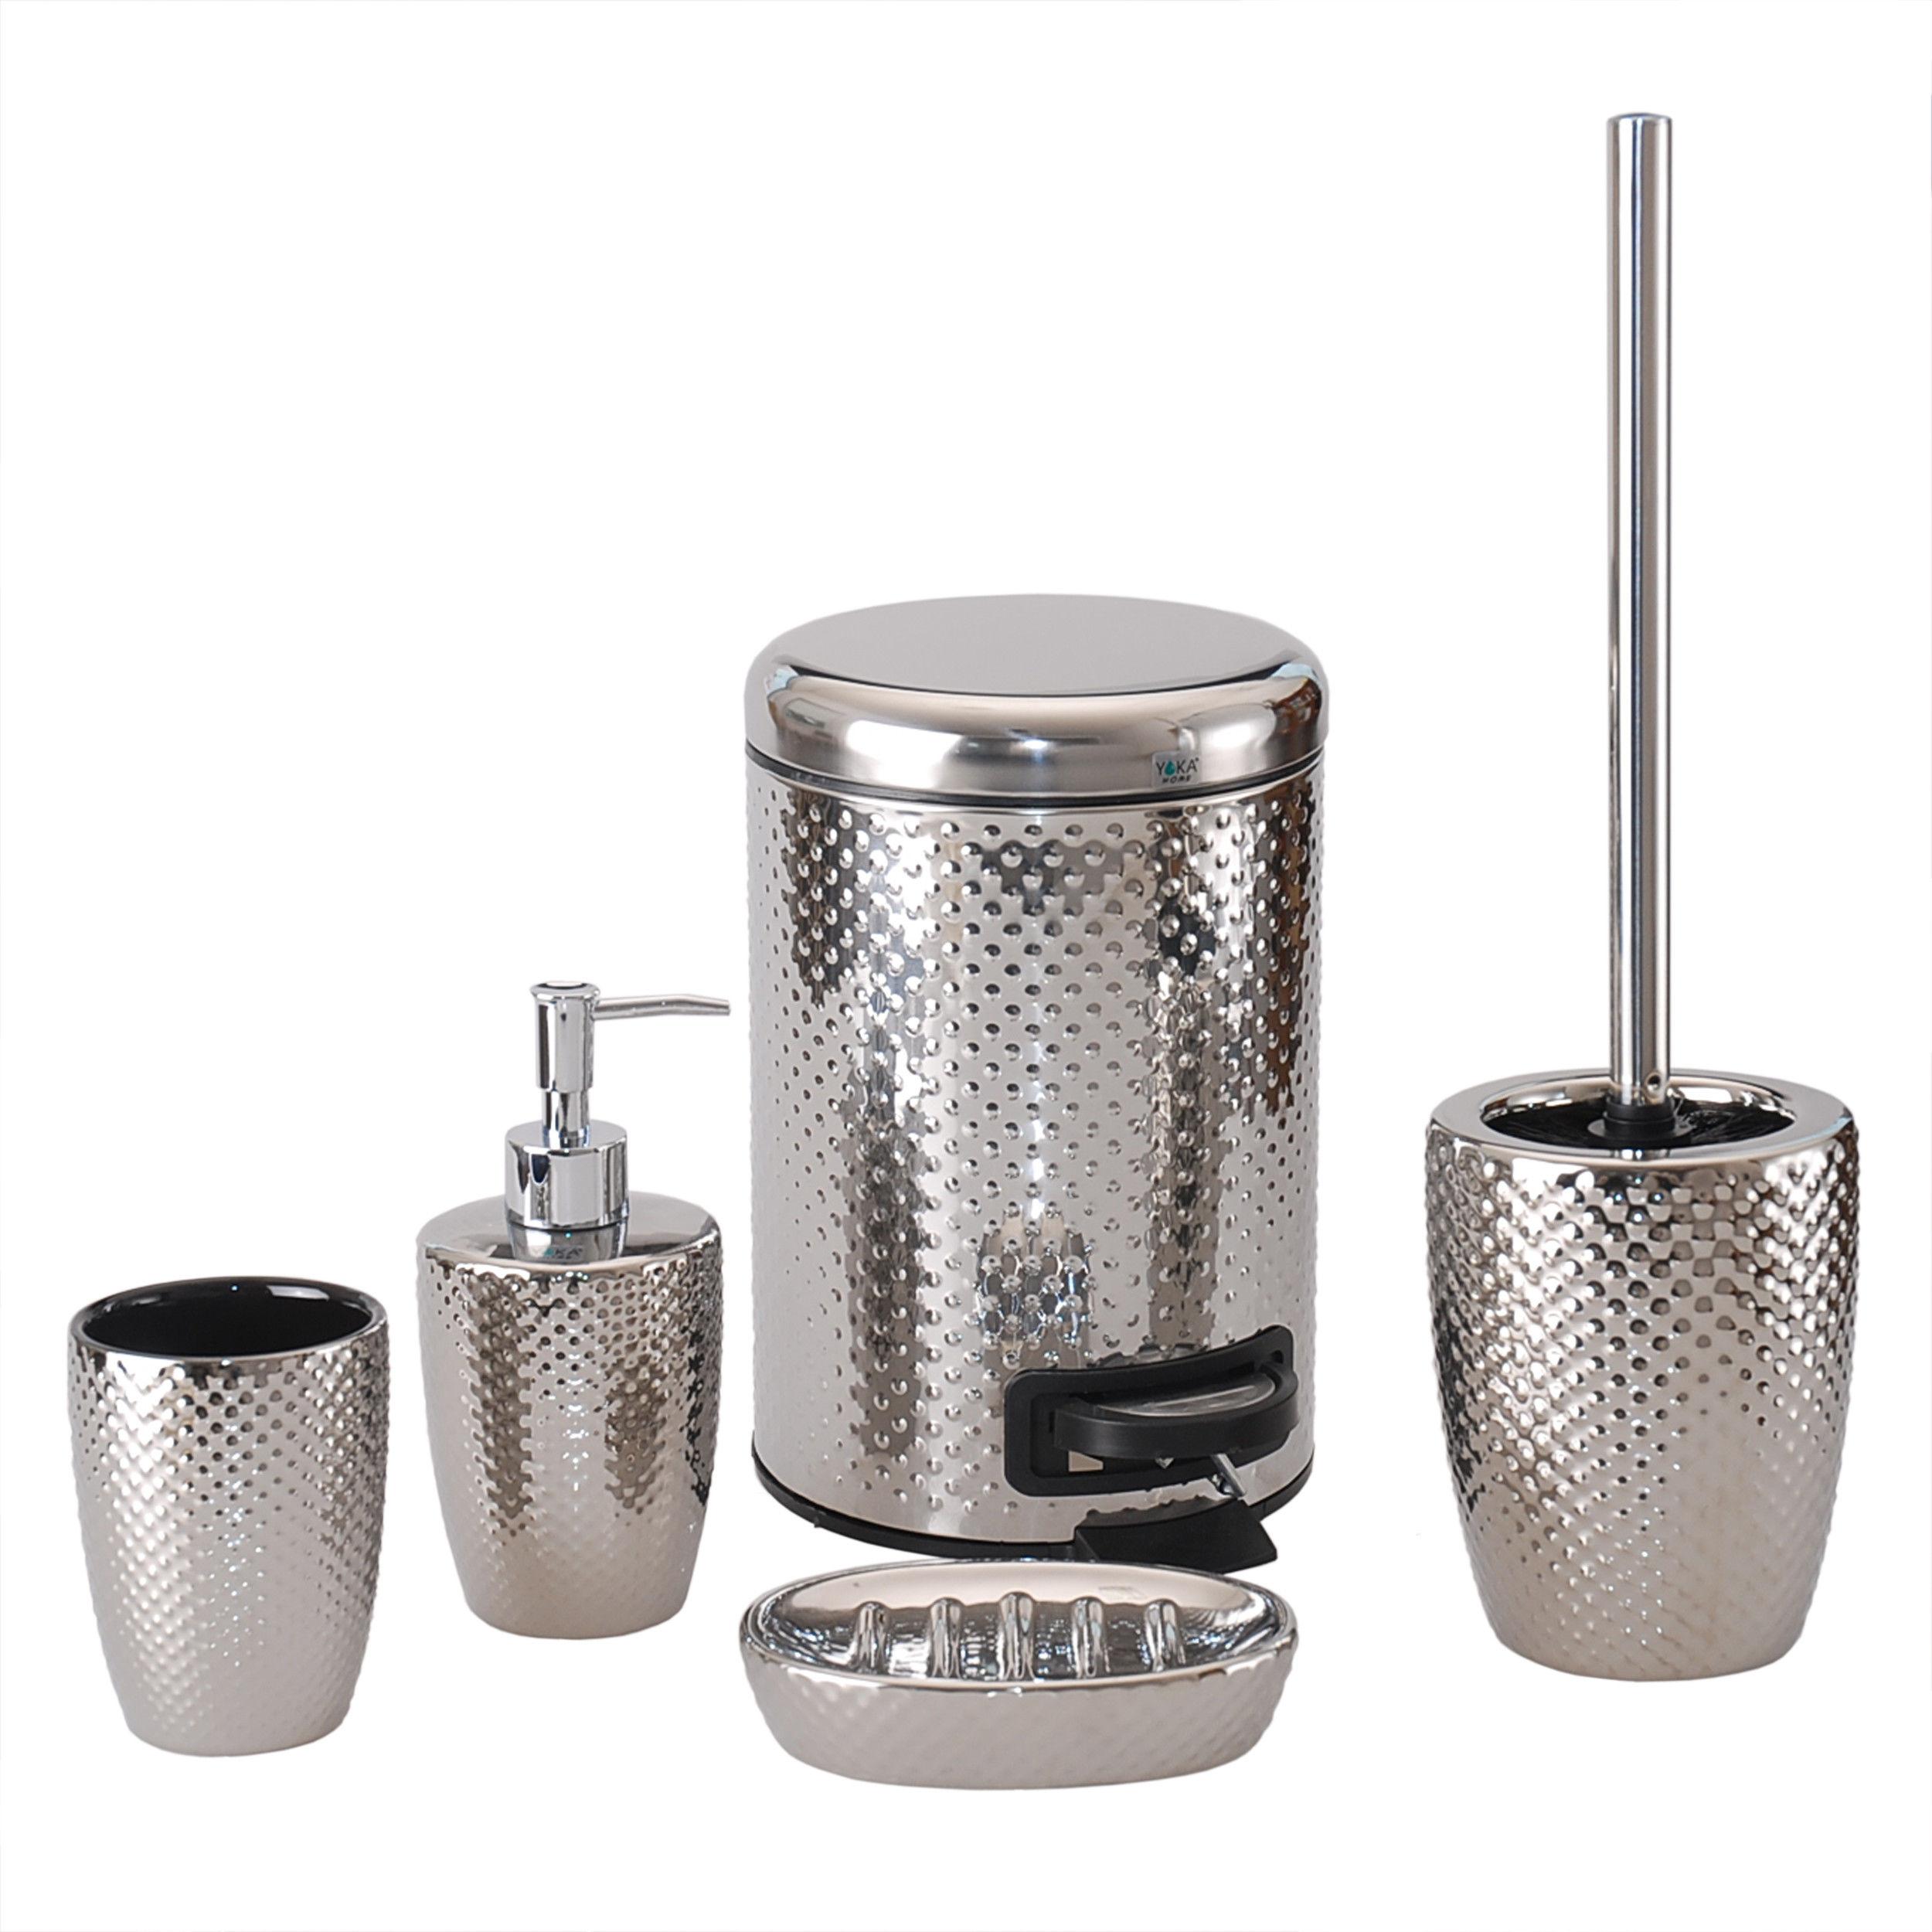 Komplet łazienkowy 5-elementowy ceramiczny srebrny - Yoka